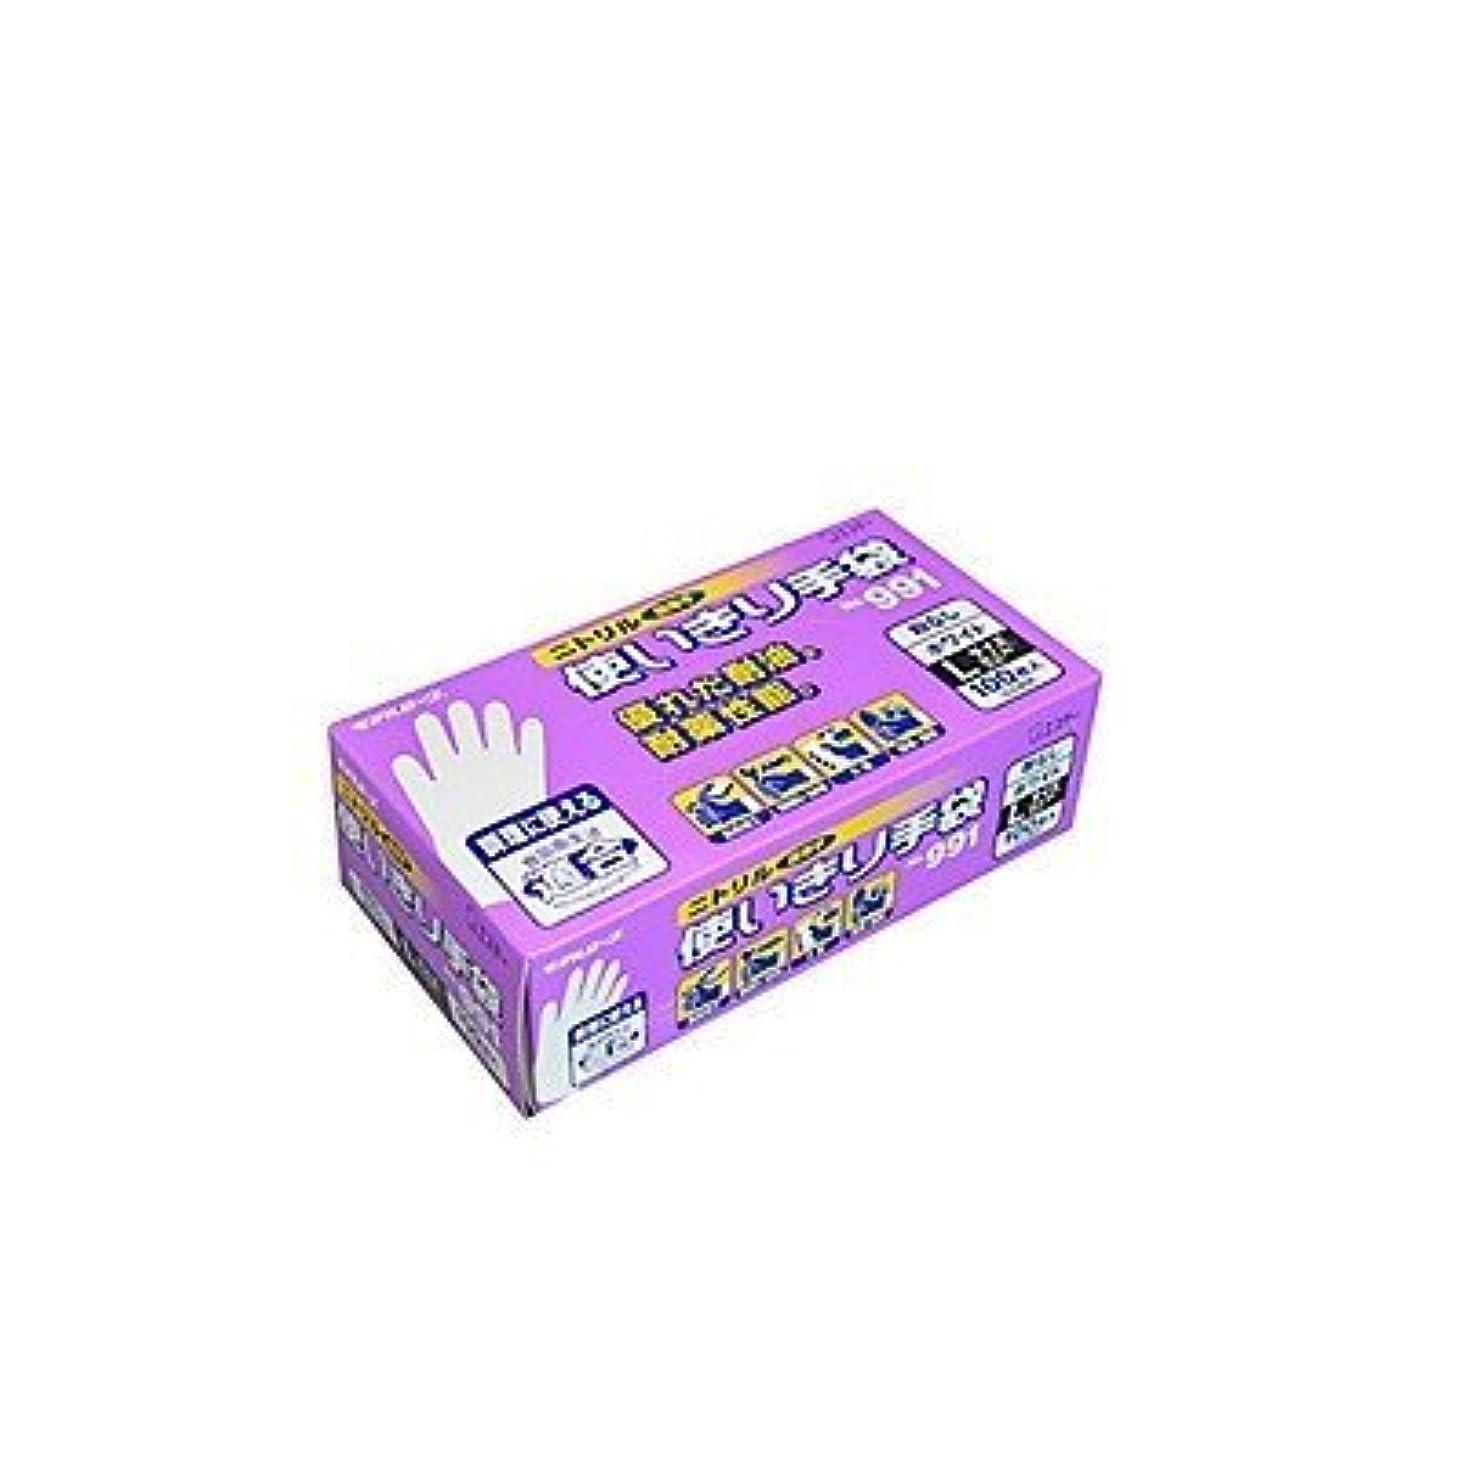 変化する安全でないレイプニトリル使いきり手袋(粉なし)No991 L 100枚 品番:754939 注文番号:62786911 メーカー:エステー